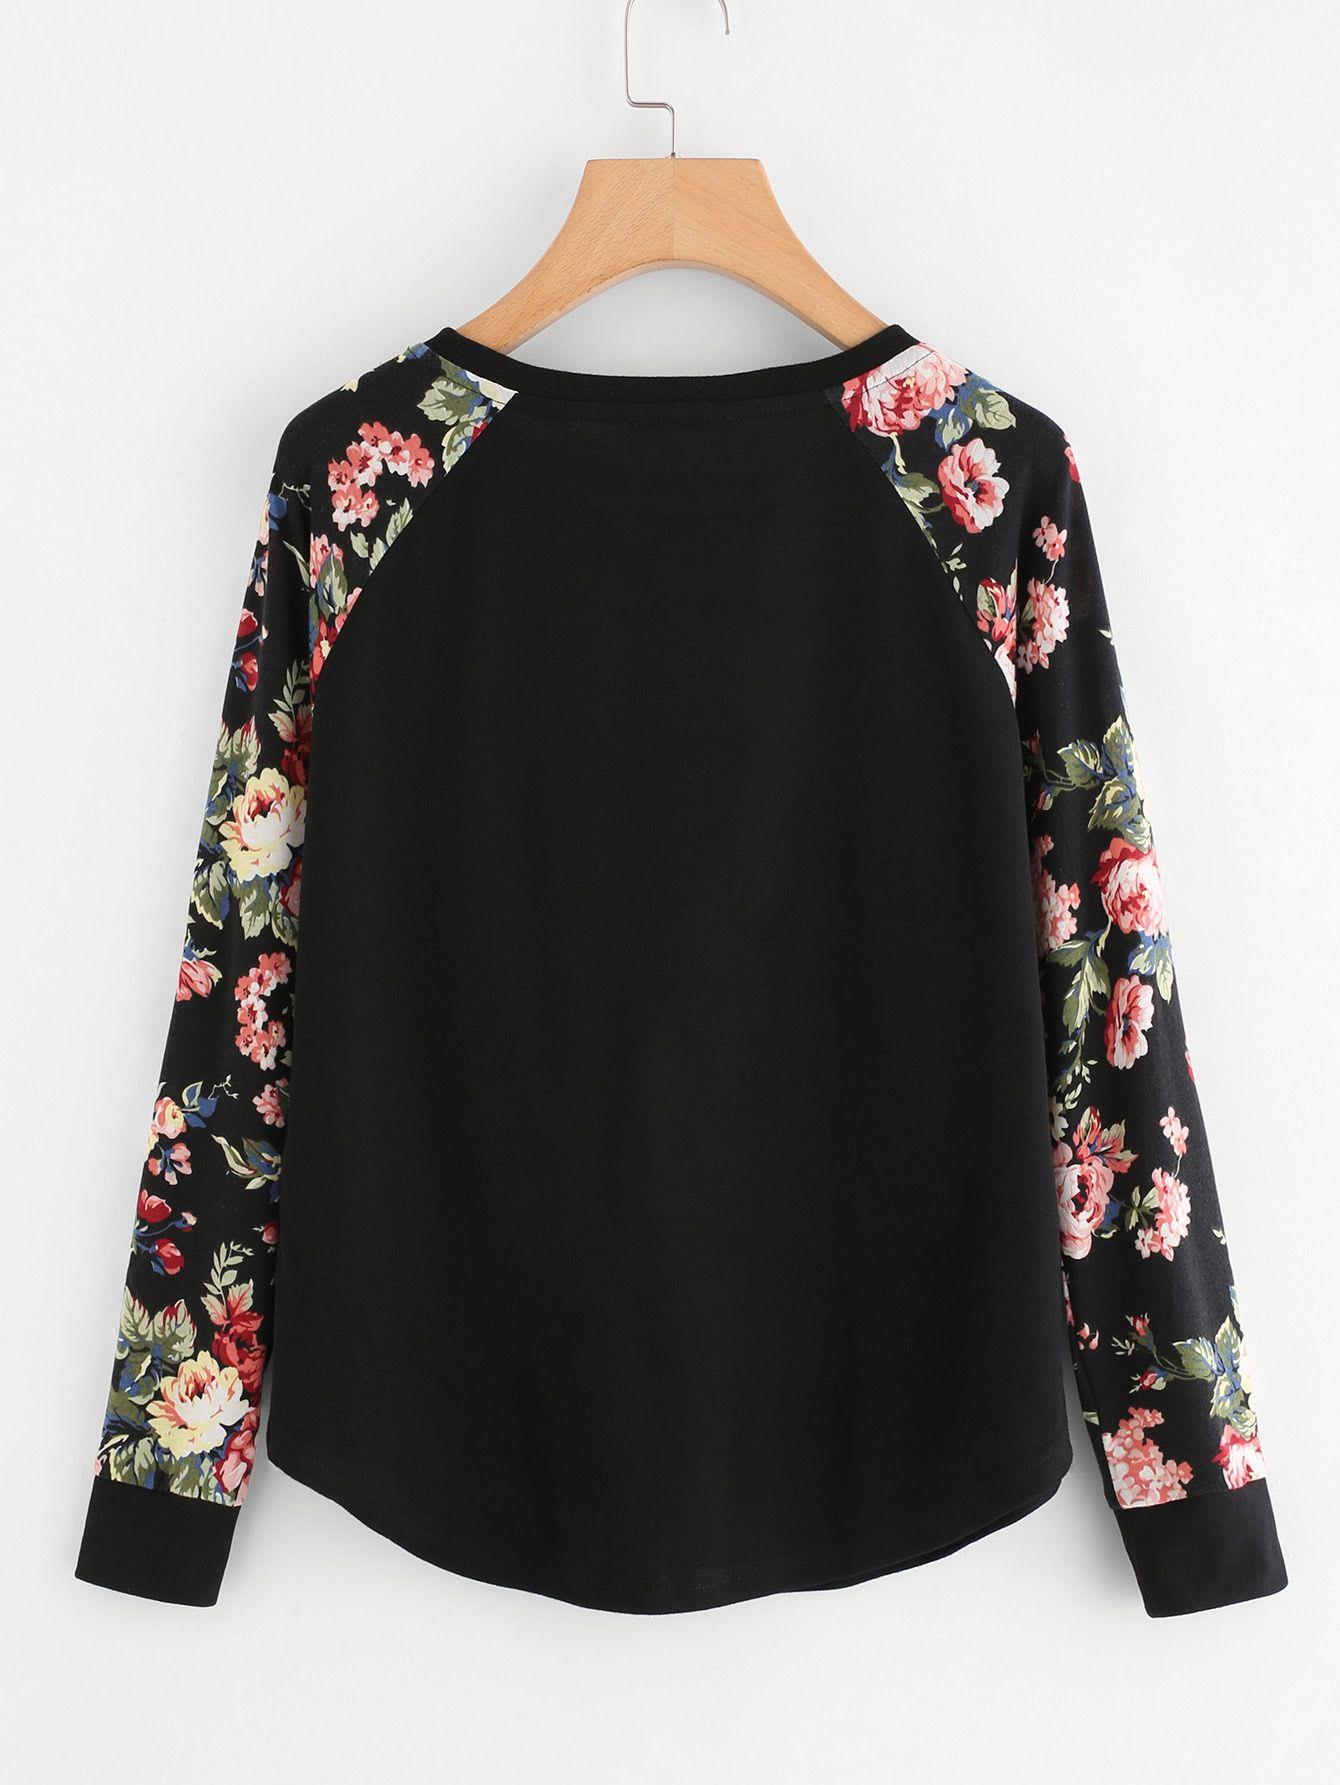 c080689b02 Floral Raglan Sleeve Curved Hem Top -SheIn(Sheinside) Fashion Stores, Fashion  Websites